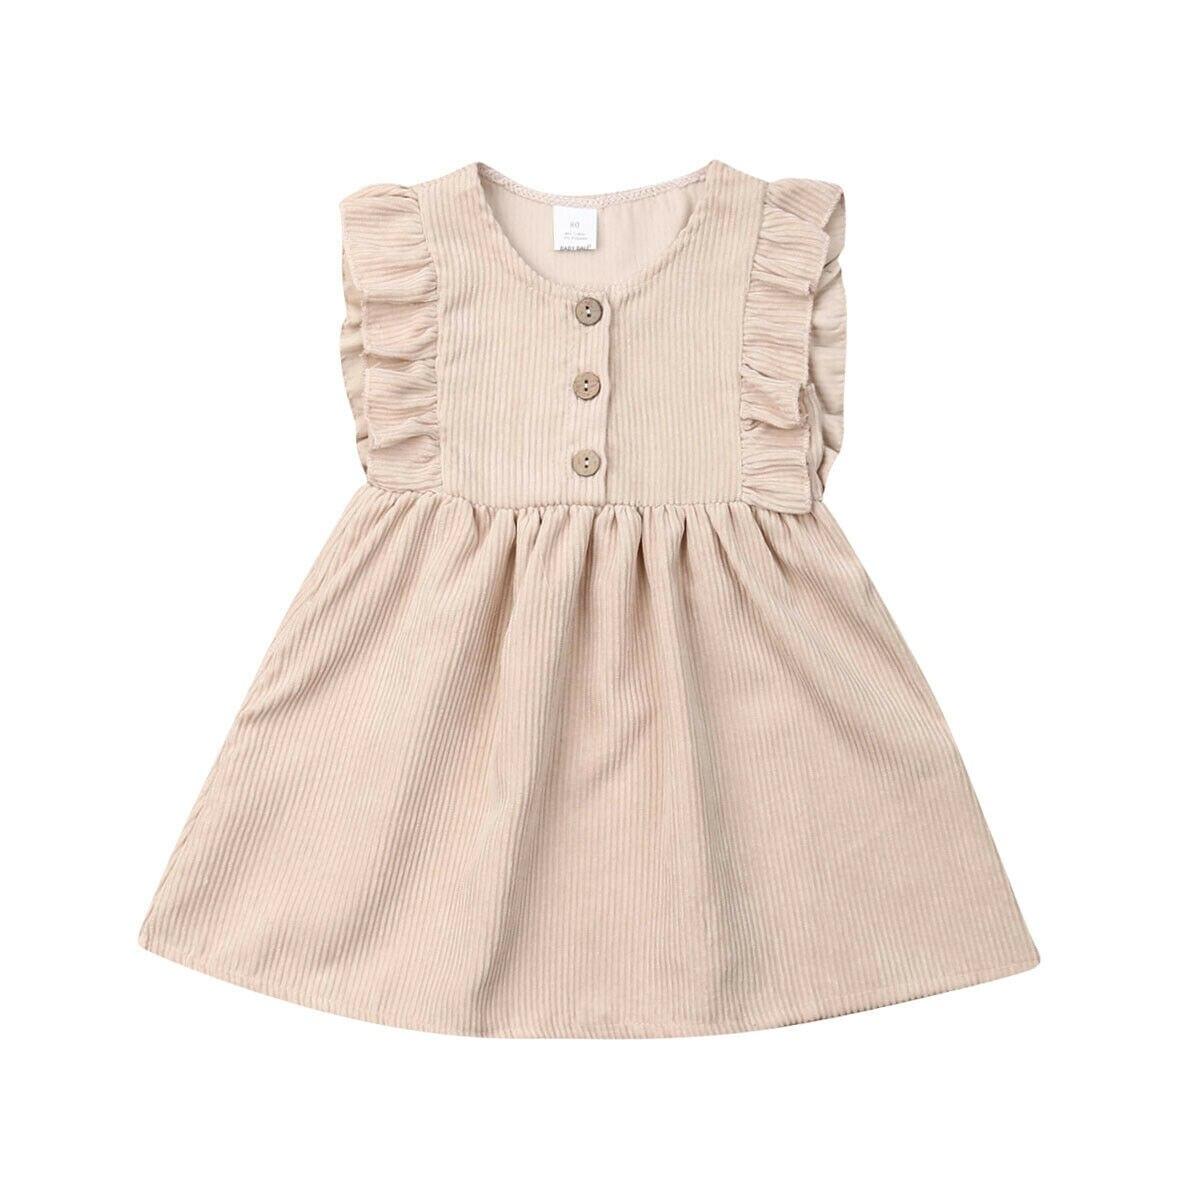 Recién Nacido bebé niñas Casual princesa vestido de fiesta vestido de verano ropa Reino Unido Canis